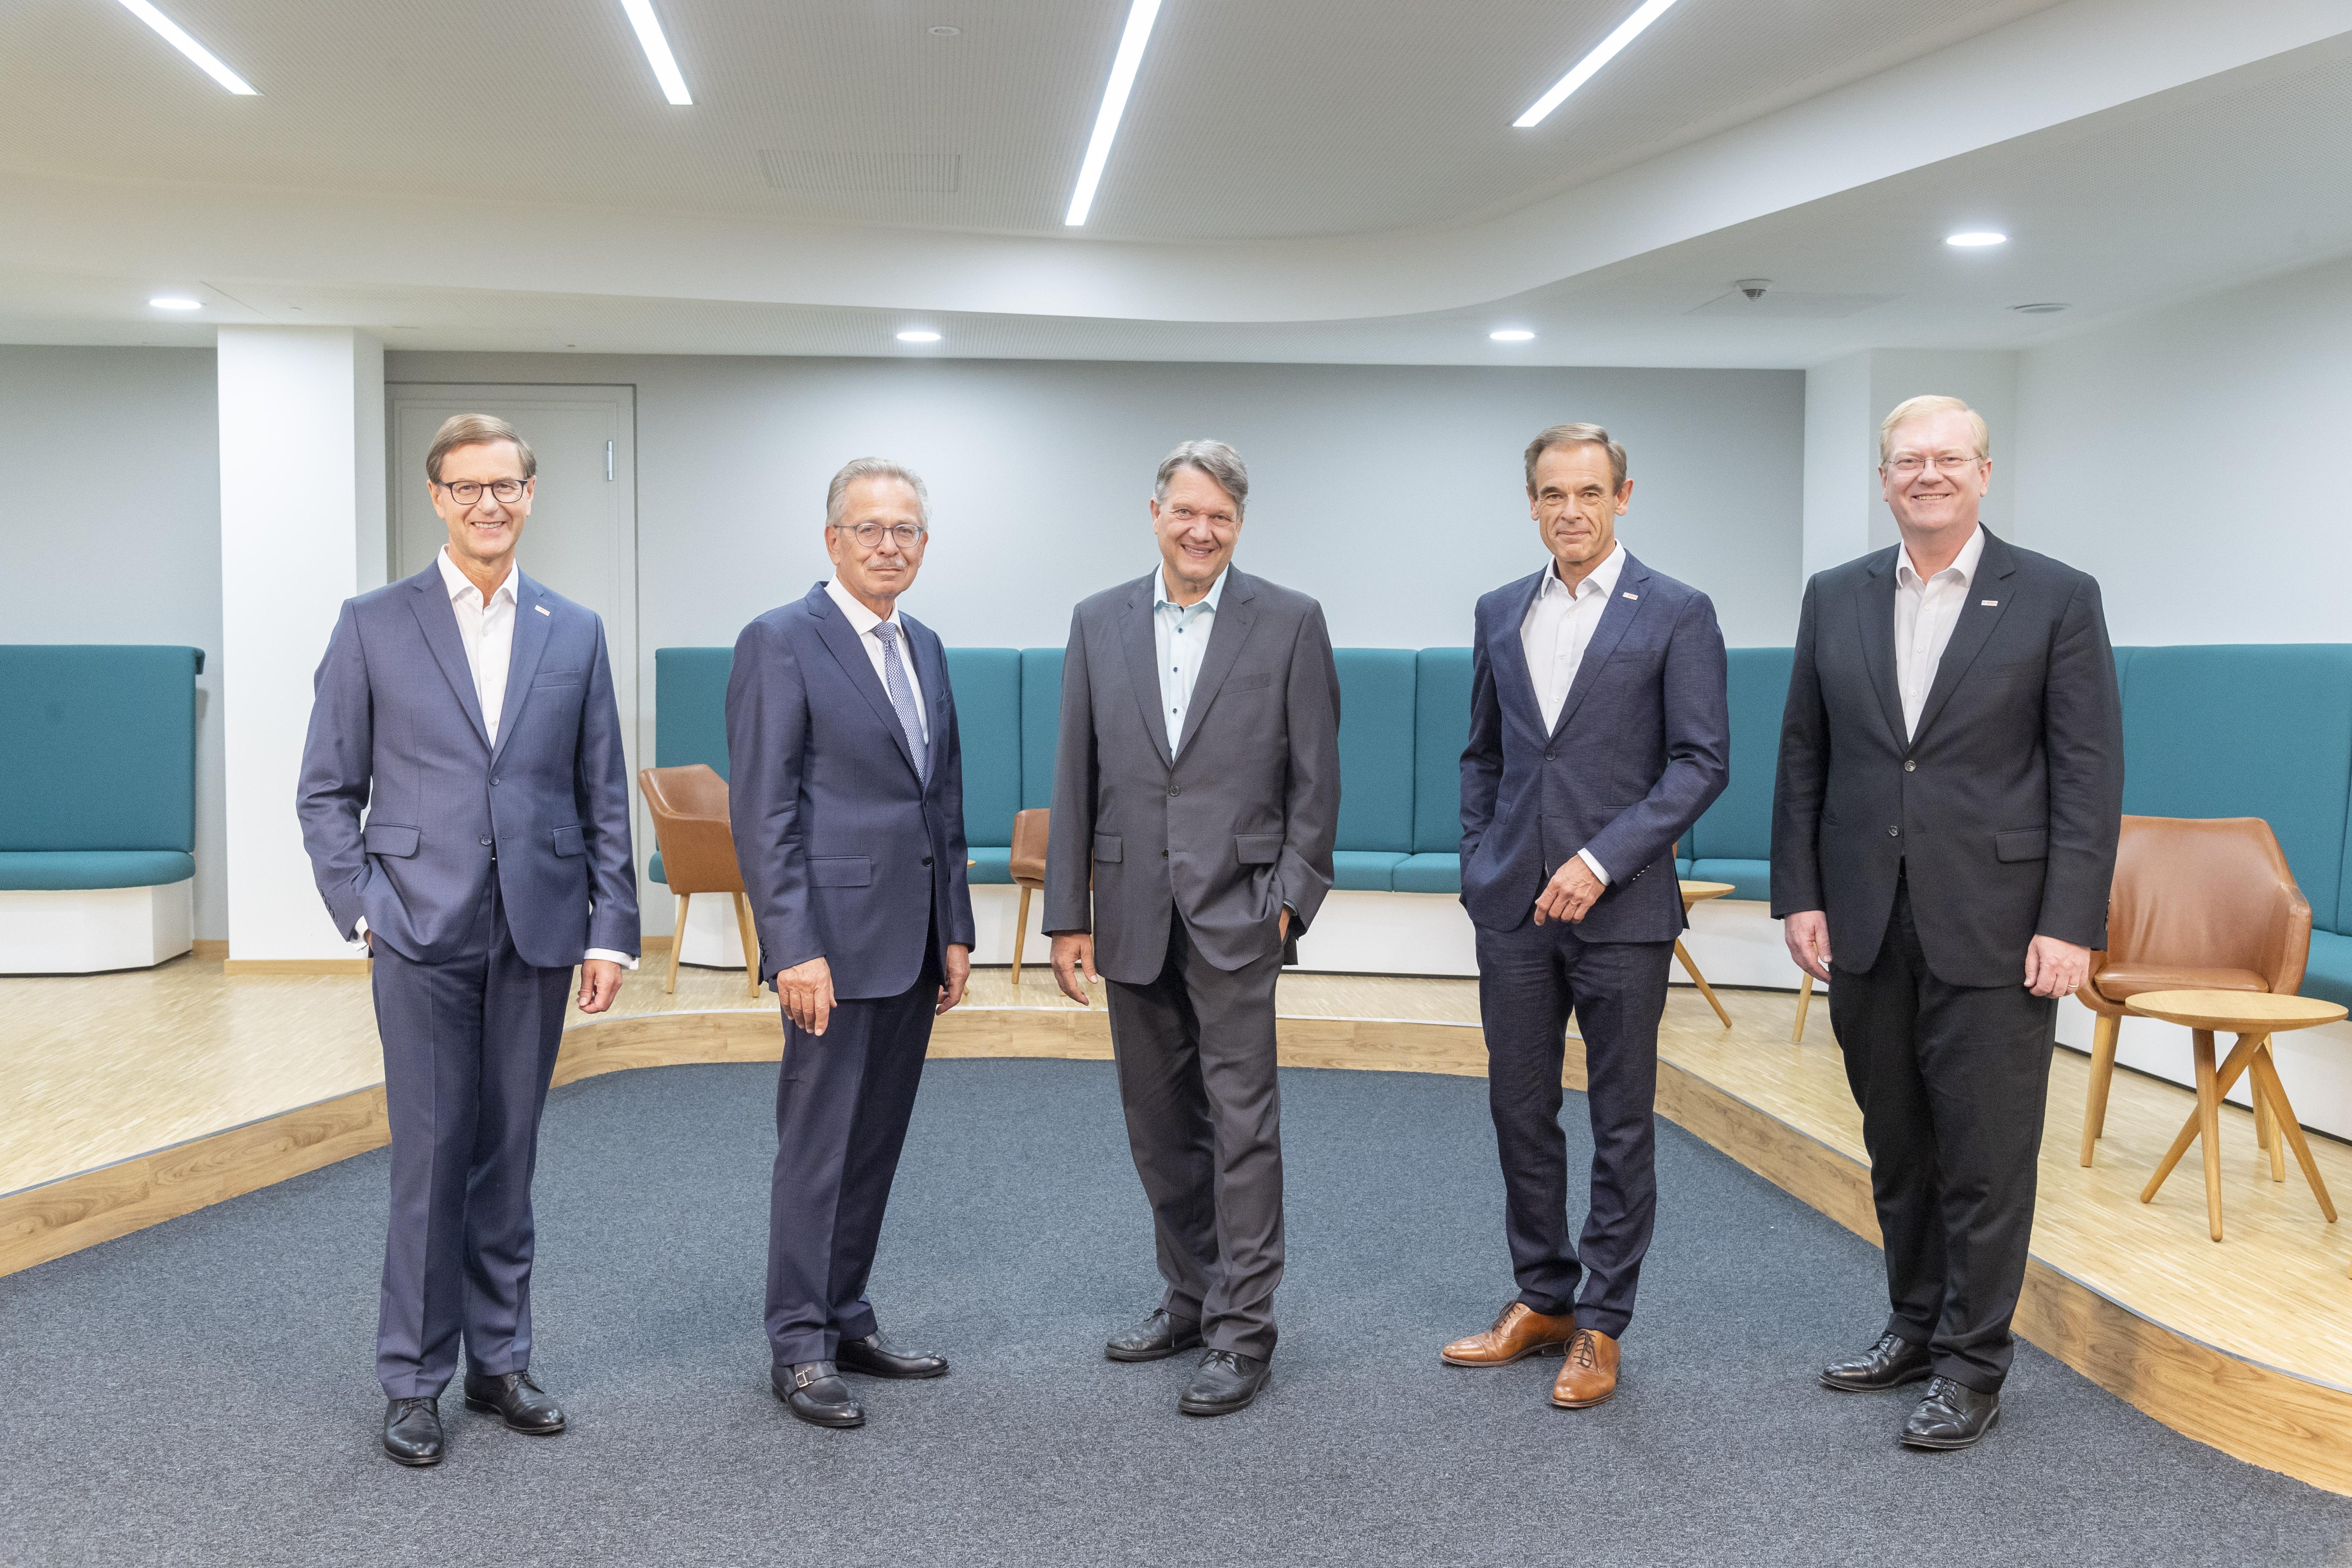 Personelle Veränderungen bei der Robert Bosch GmbH und der Robert Bosch Industrietreuhand KG